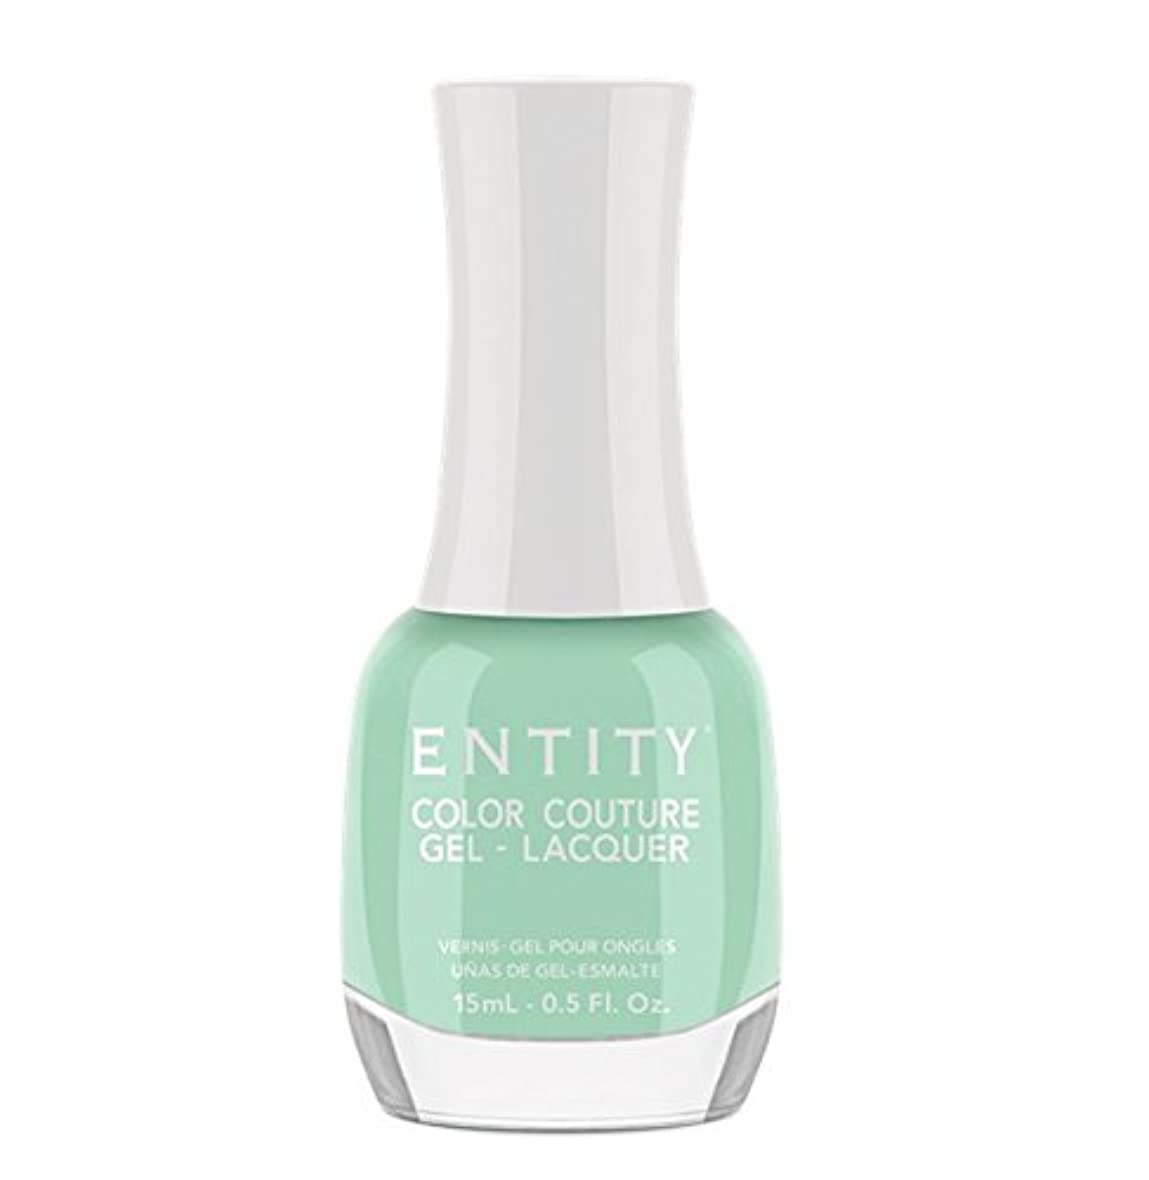 統計的びっくりする委員会Entity Color Couture Gel-Lacquer - Statement Bag - 15 ml/0.5 oz